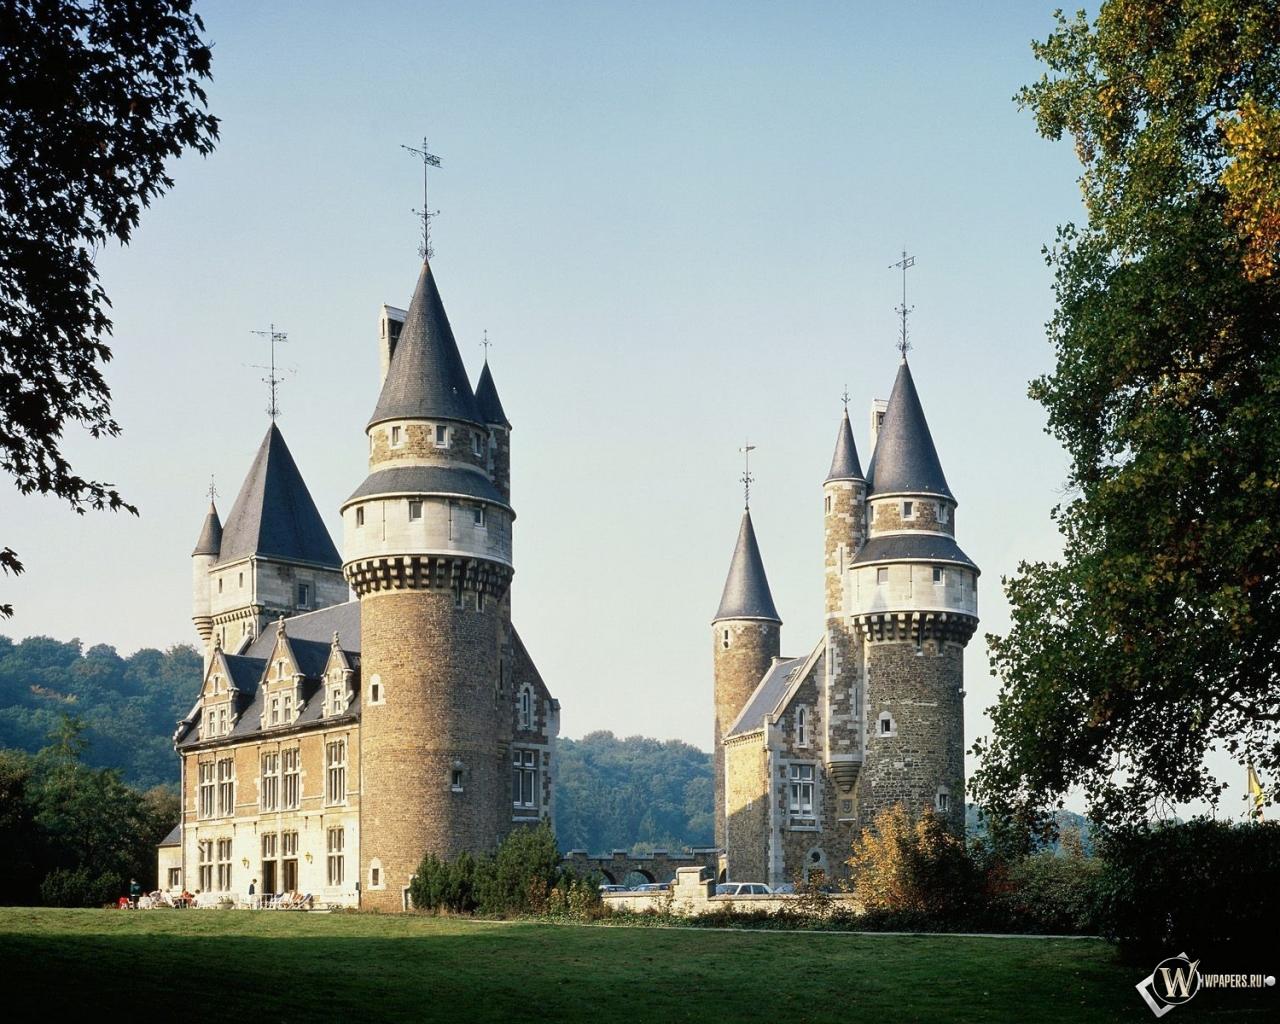 Замок в Бельгии 1280x1024